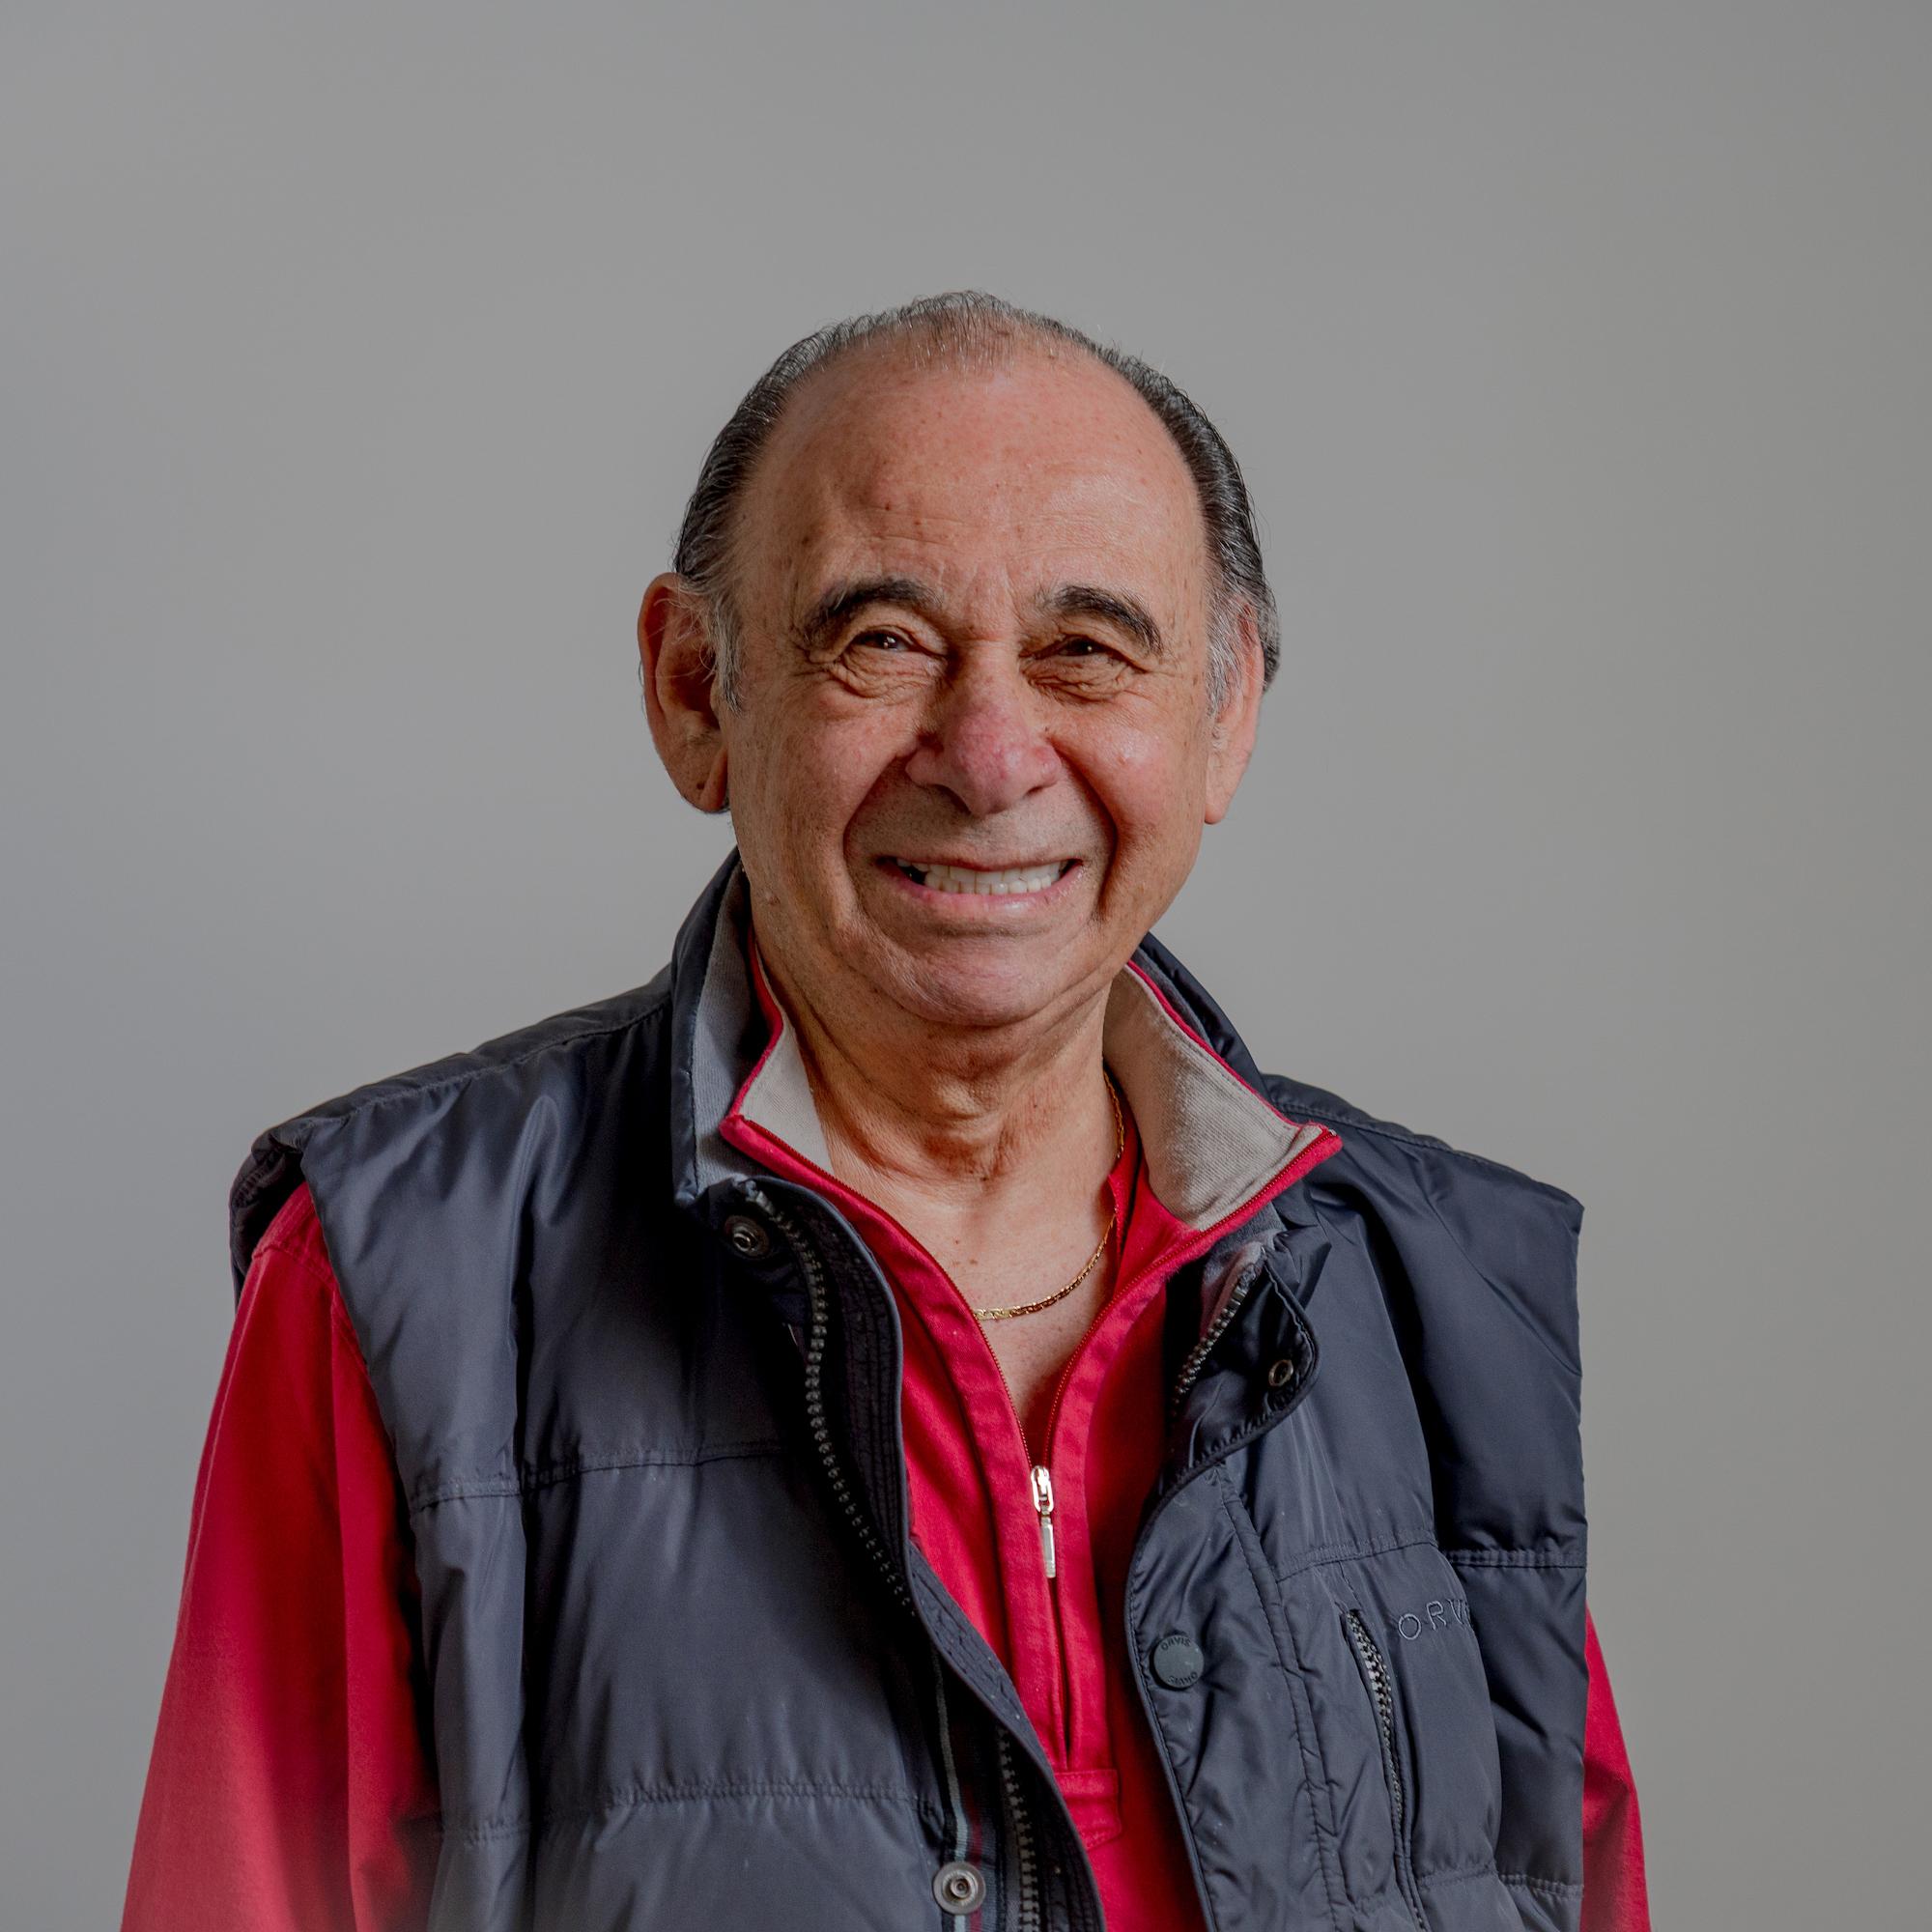 Norman Rothstein